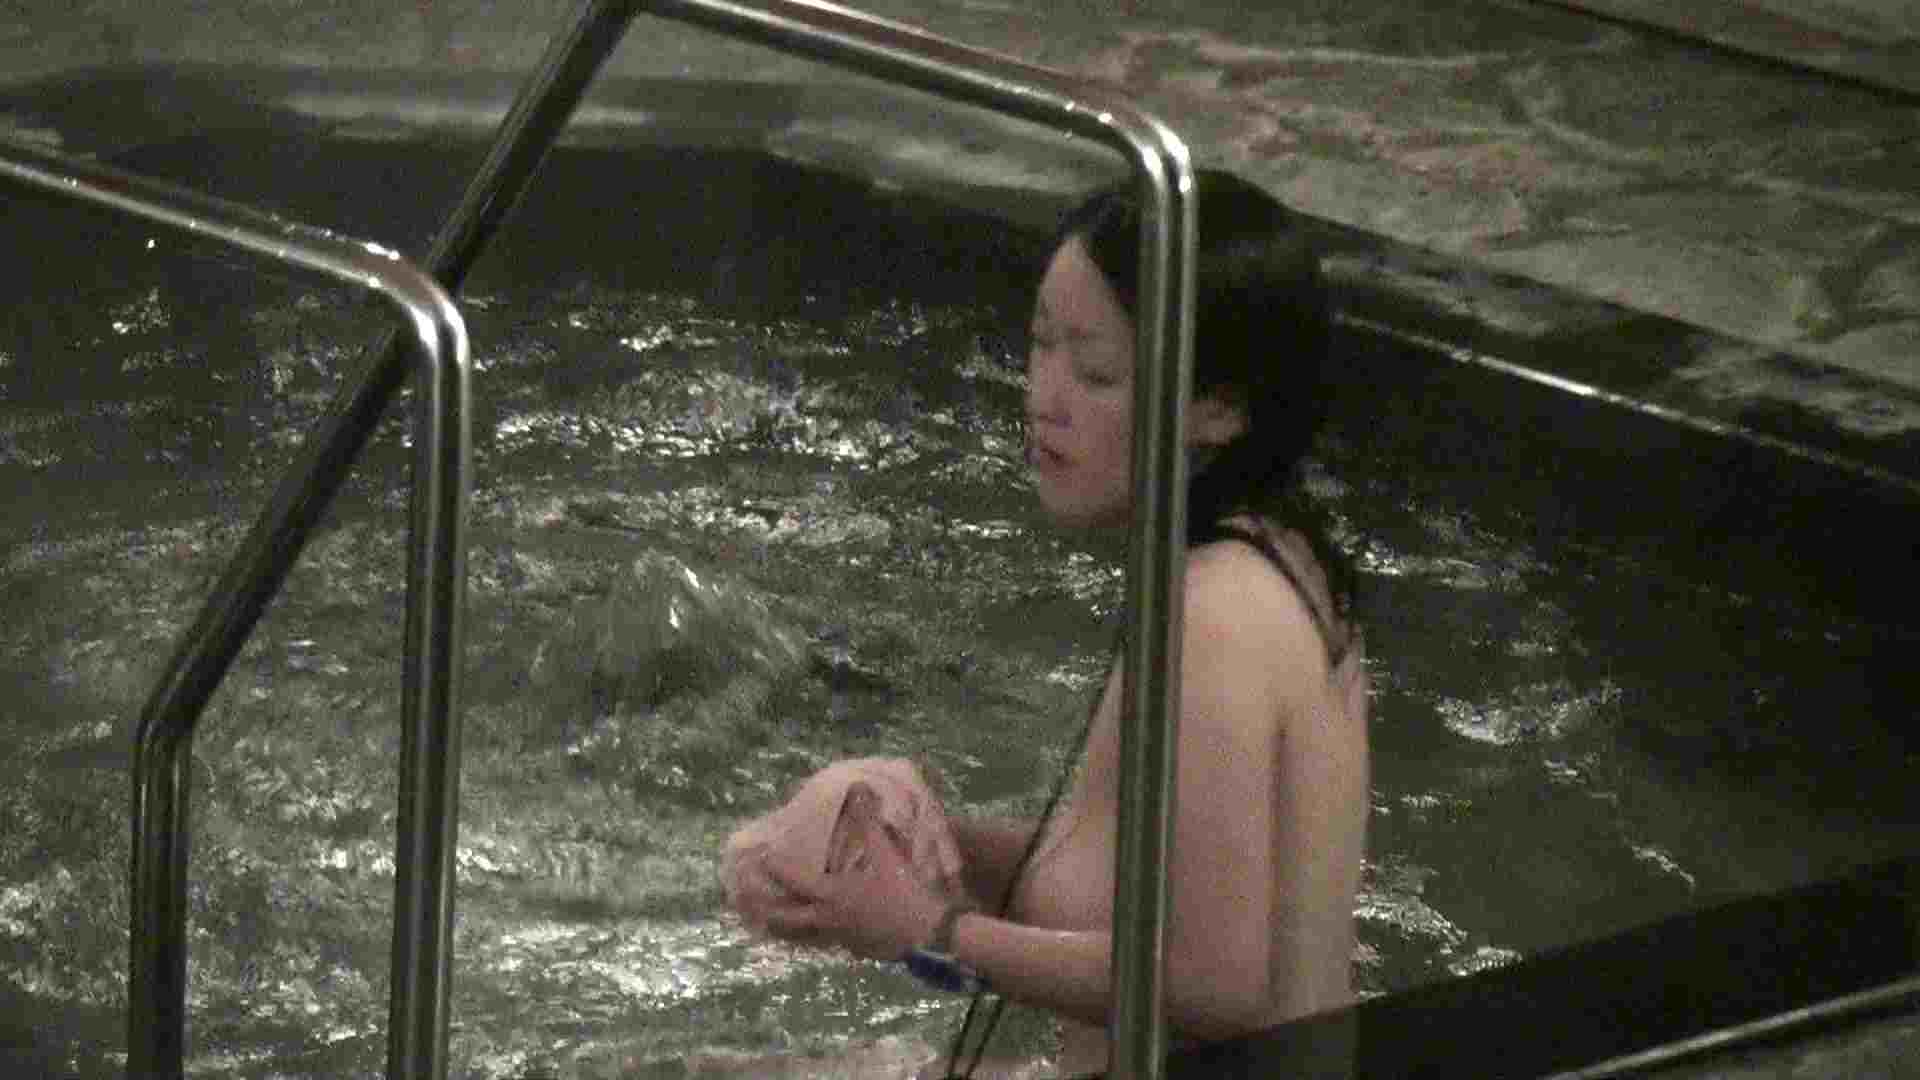 Aquaな露天風呂Vol.414 盗撮  67画像 30